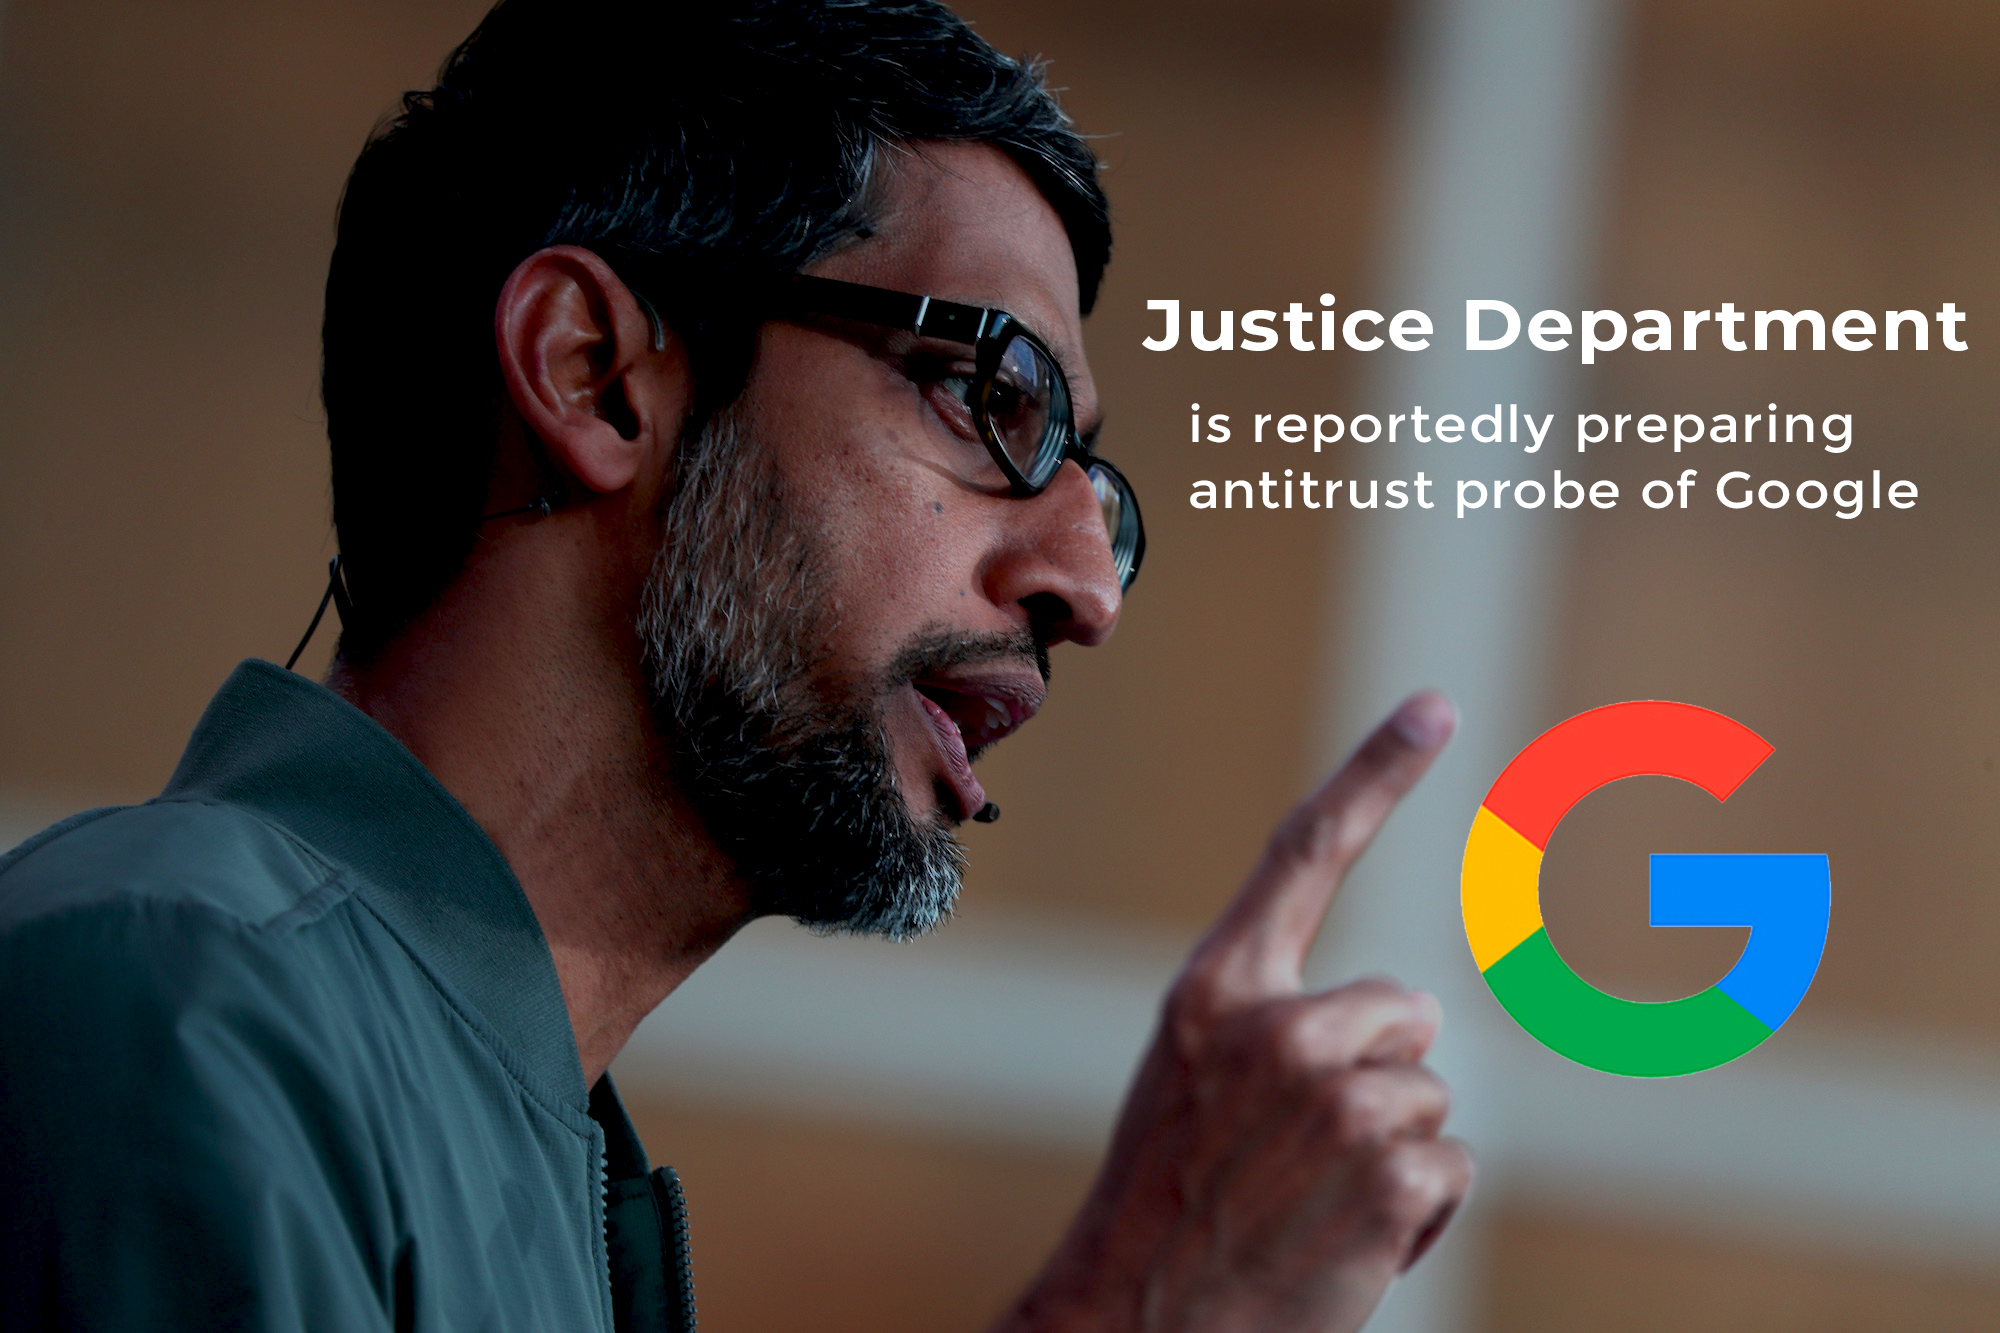 US Justice Department is Preparing antitrust inquiry of Google